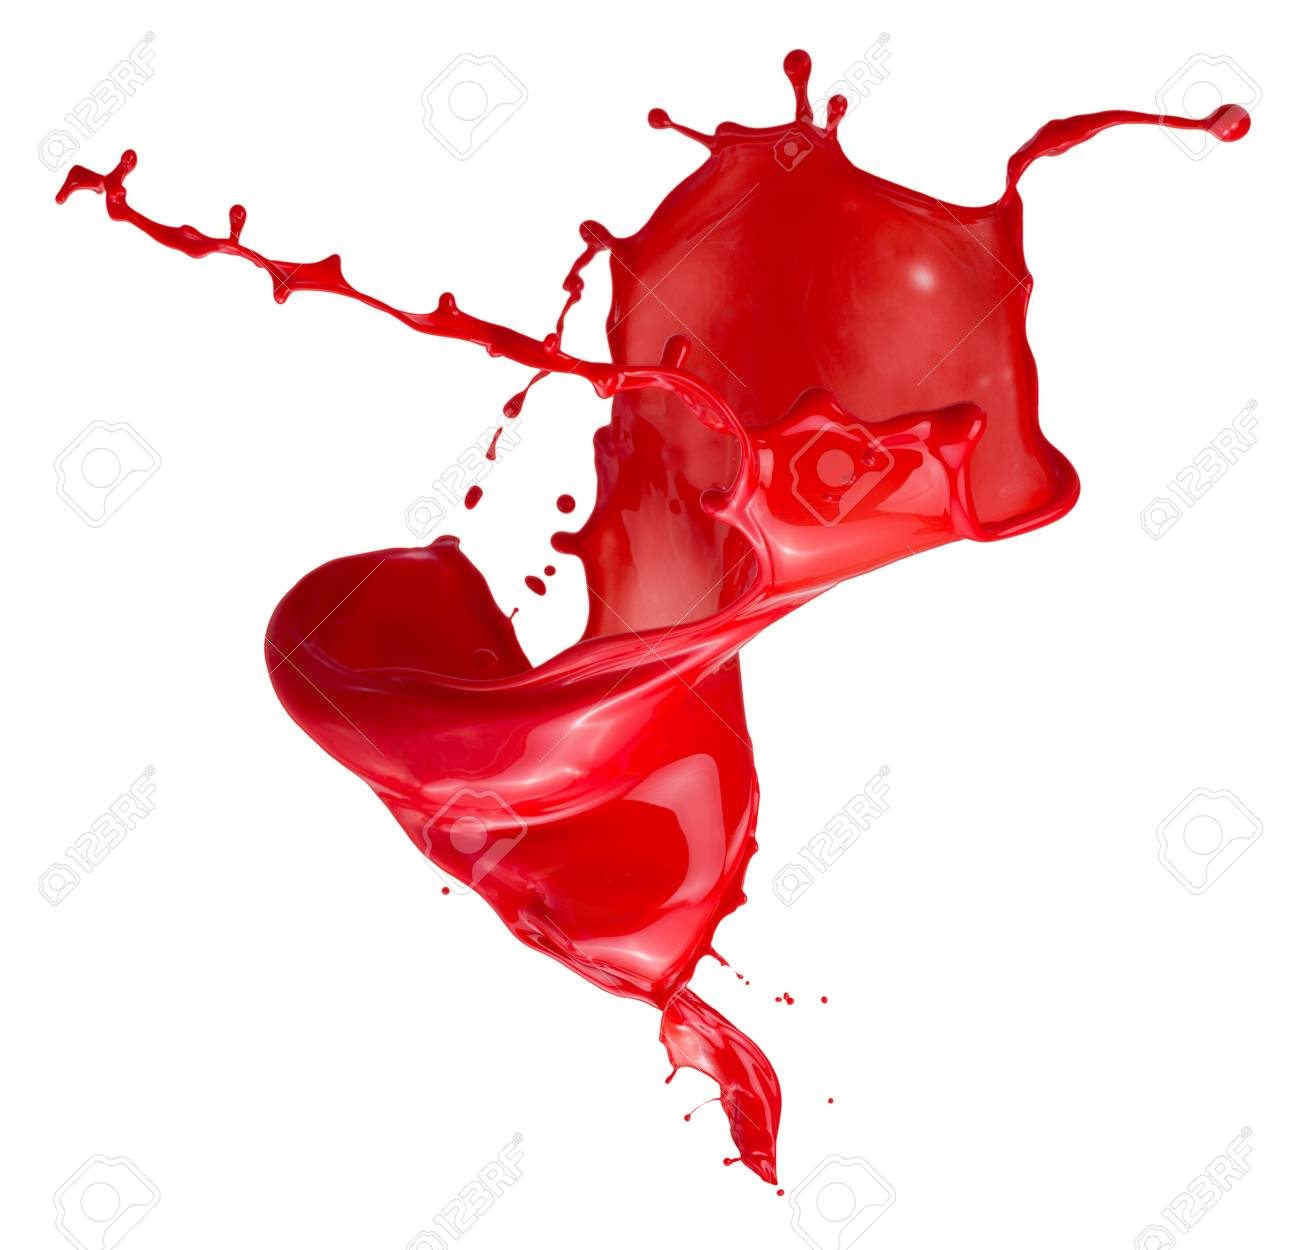 Rote Farbe Splash Isoliert Auf Weissem Hintergrund Lizenzfreie Fotos